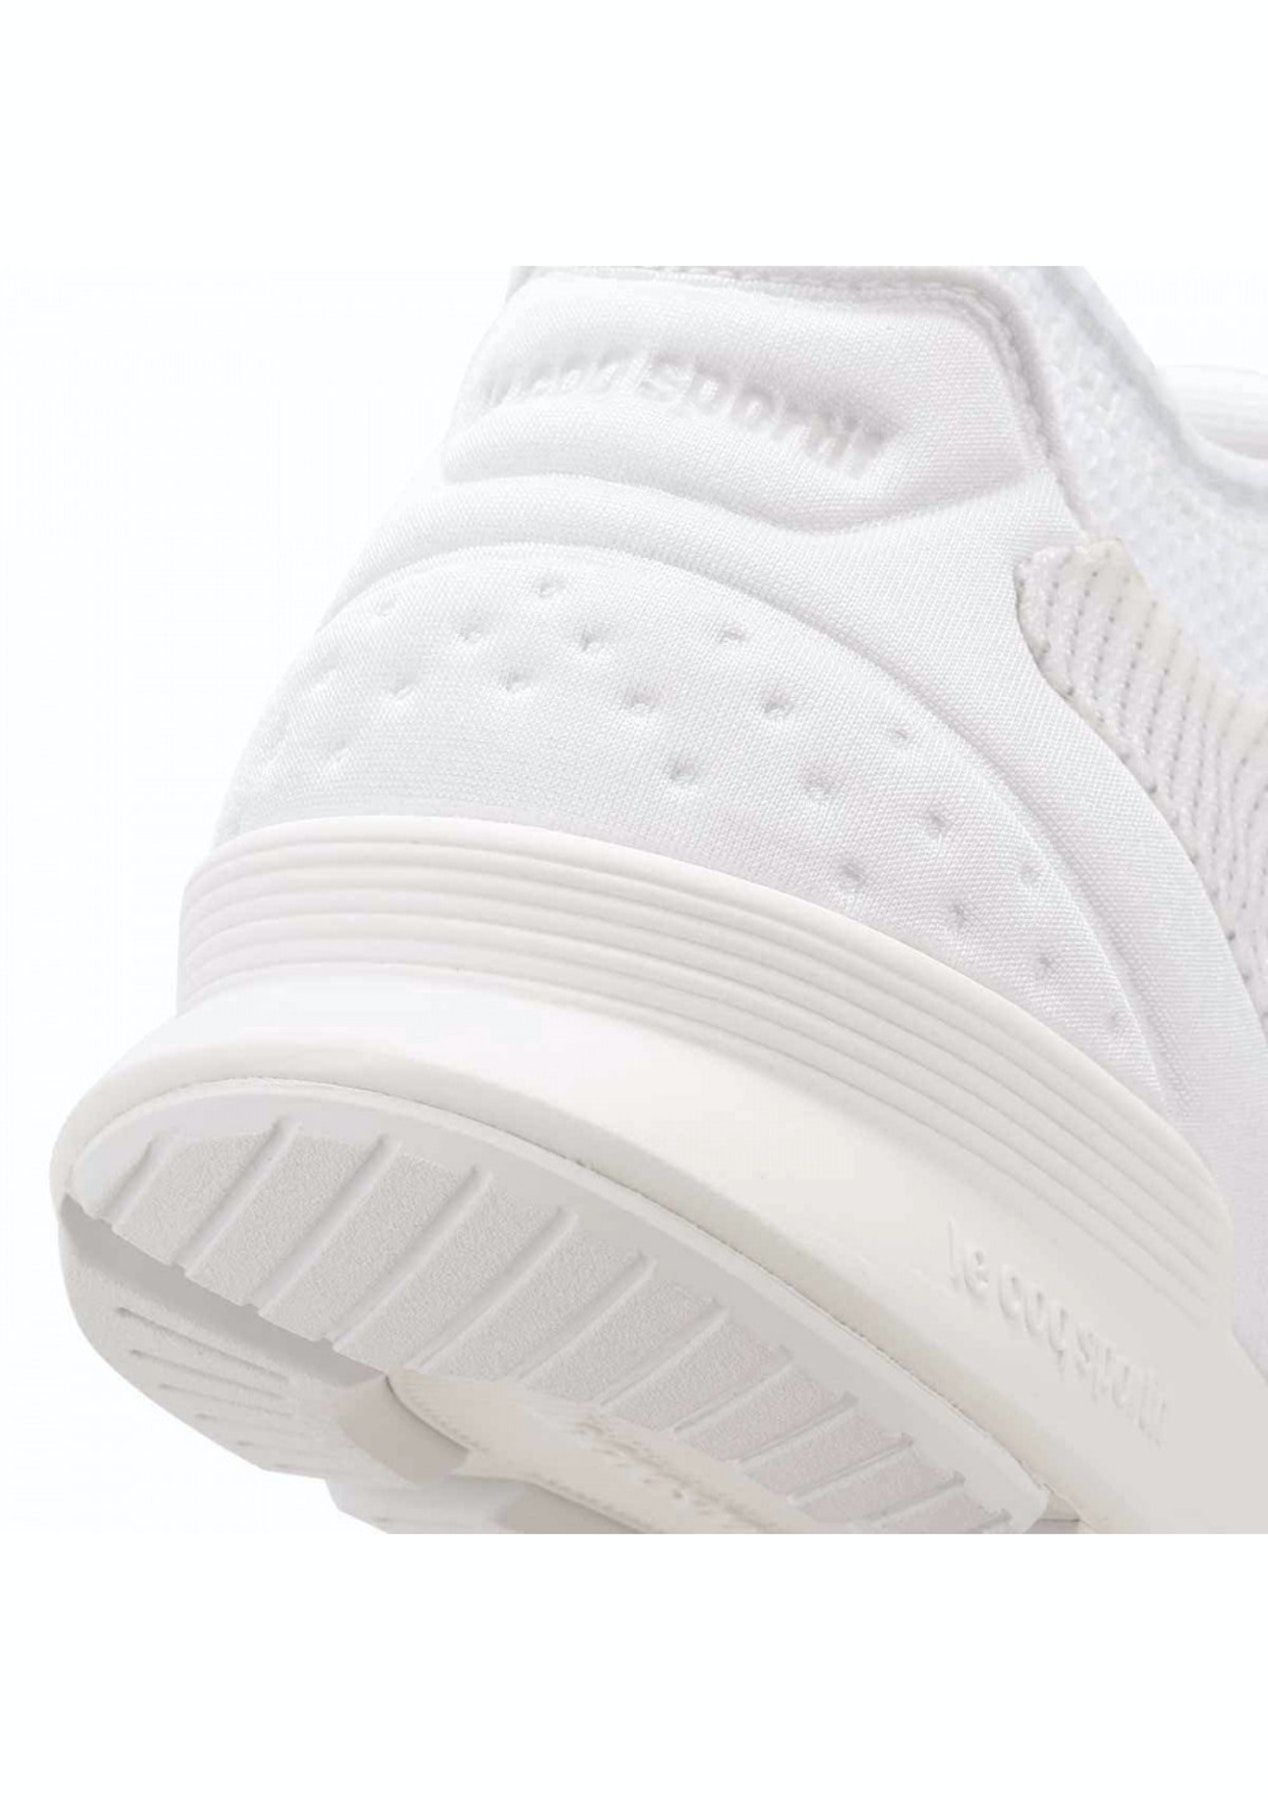 8b59b2e58121 Le Coq Sportif - Mens Omicron Triple Reflective - Triple White - Le Coq  Sportif - Onceit